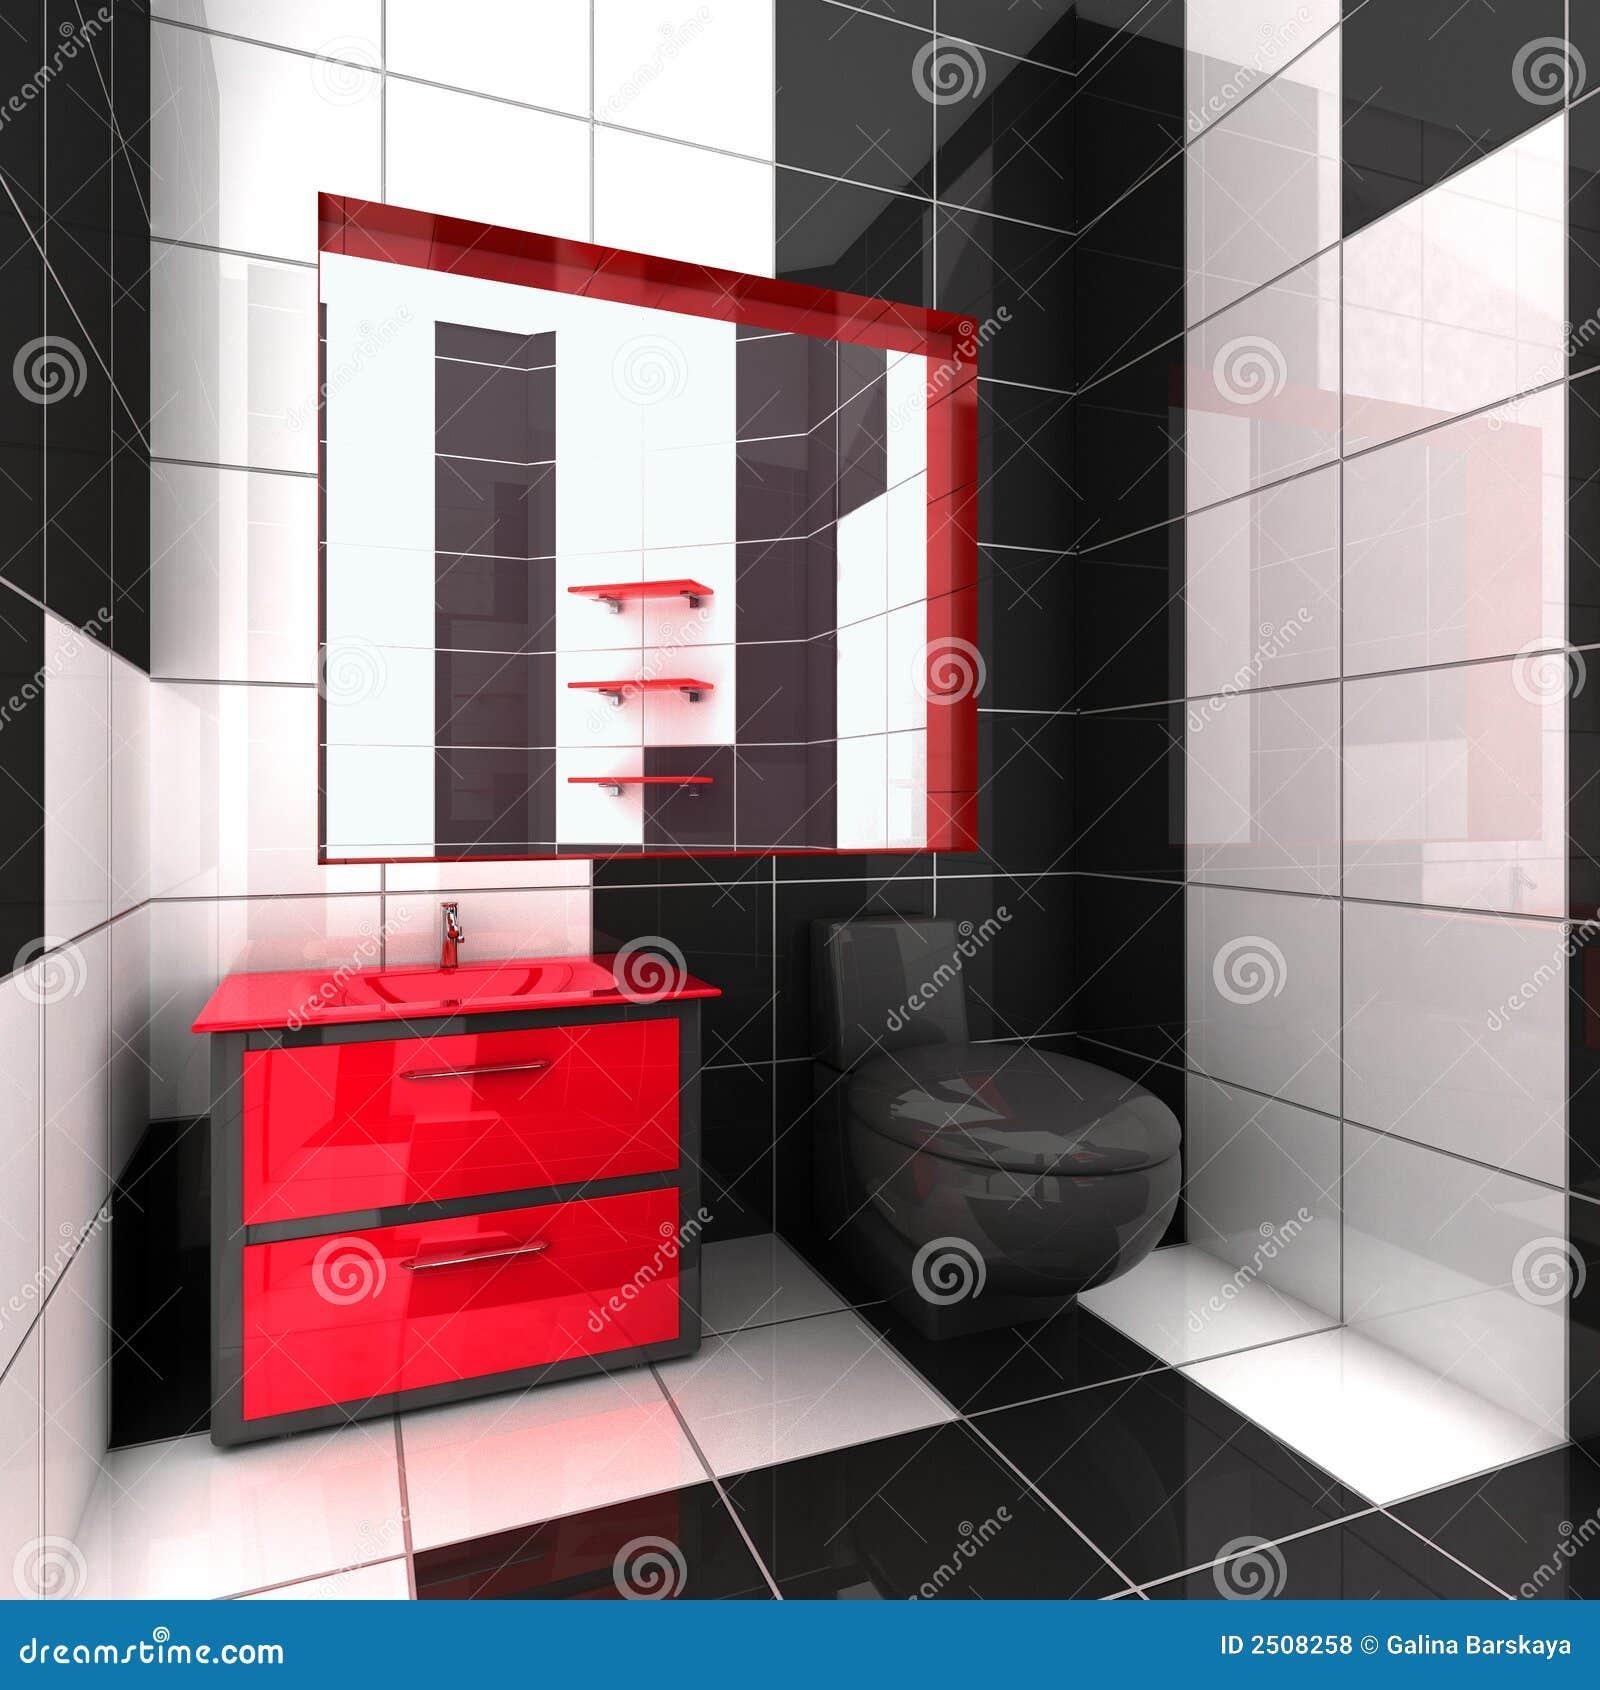 Banheiro Moderno Fotos de Stock Royalty Free  Imagem 2508258 -> Banheiros Modernos Em Preto E Branco